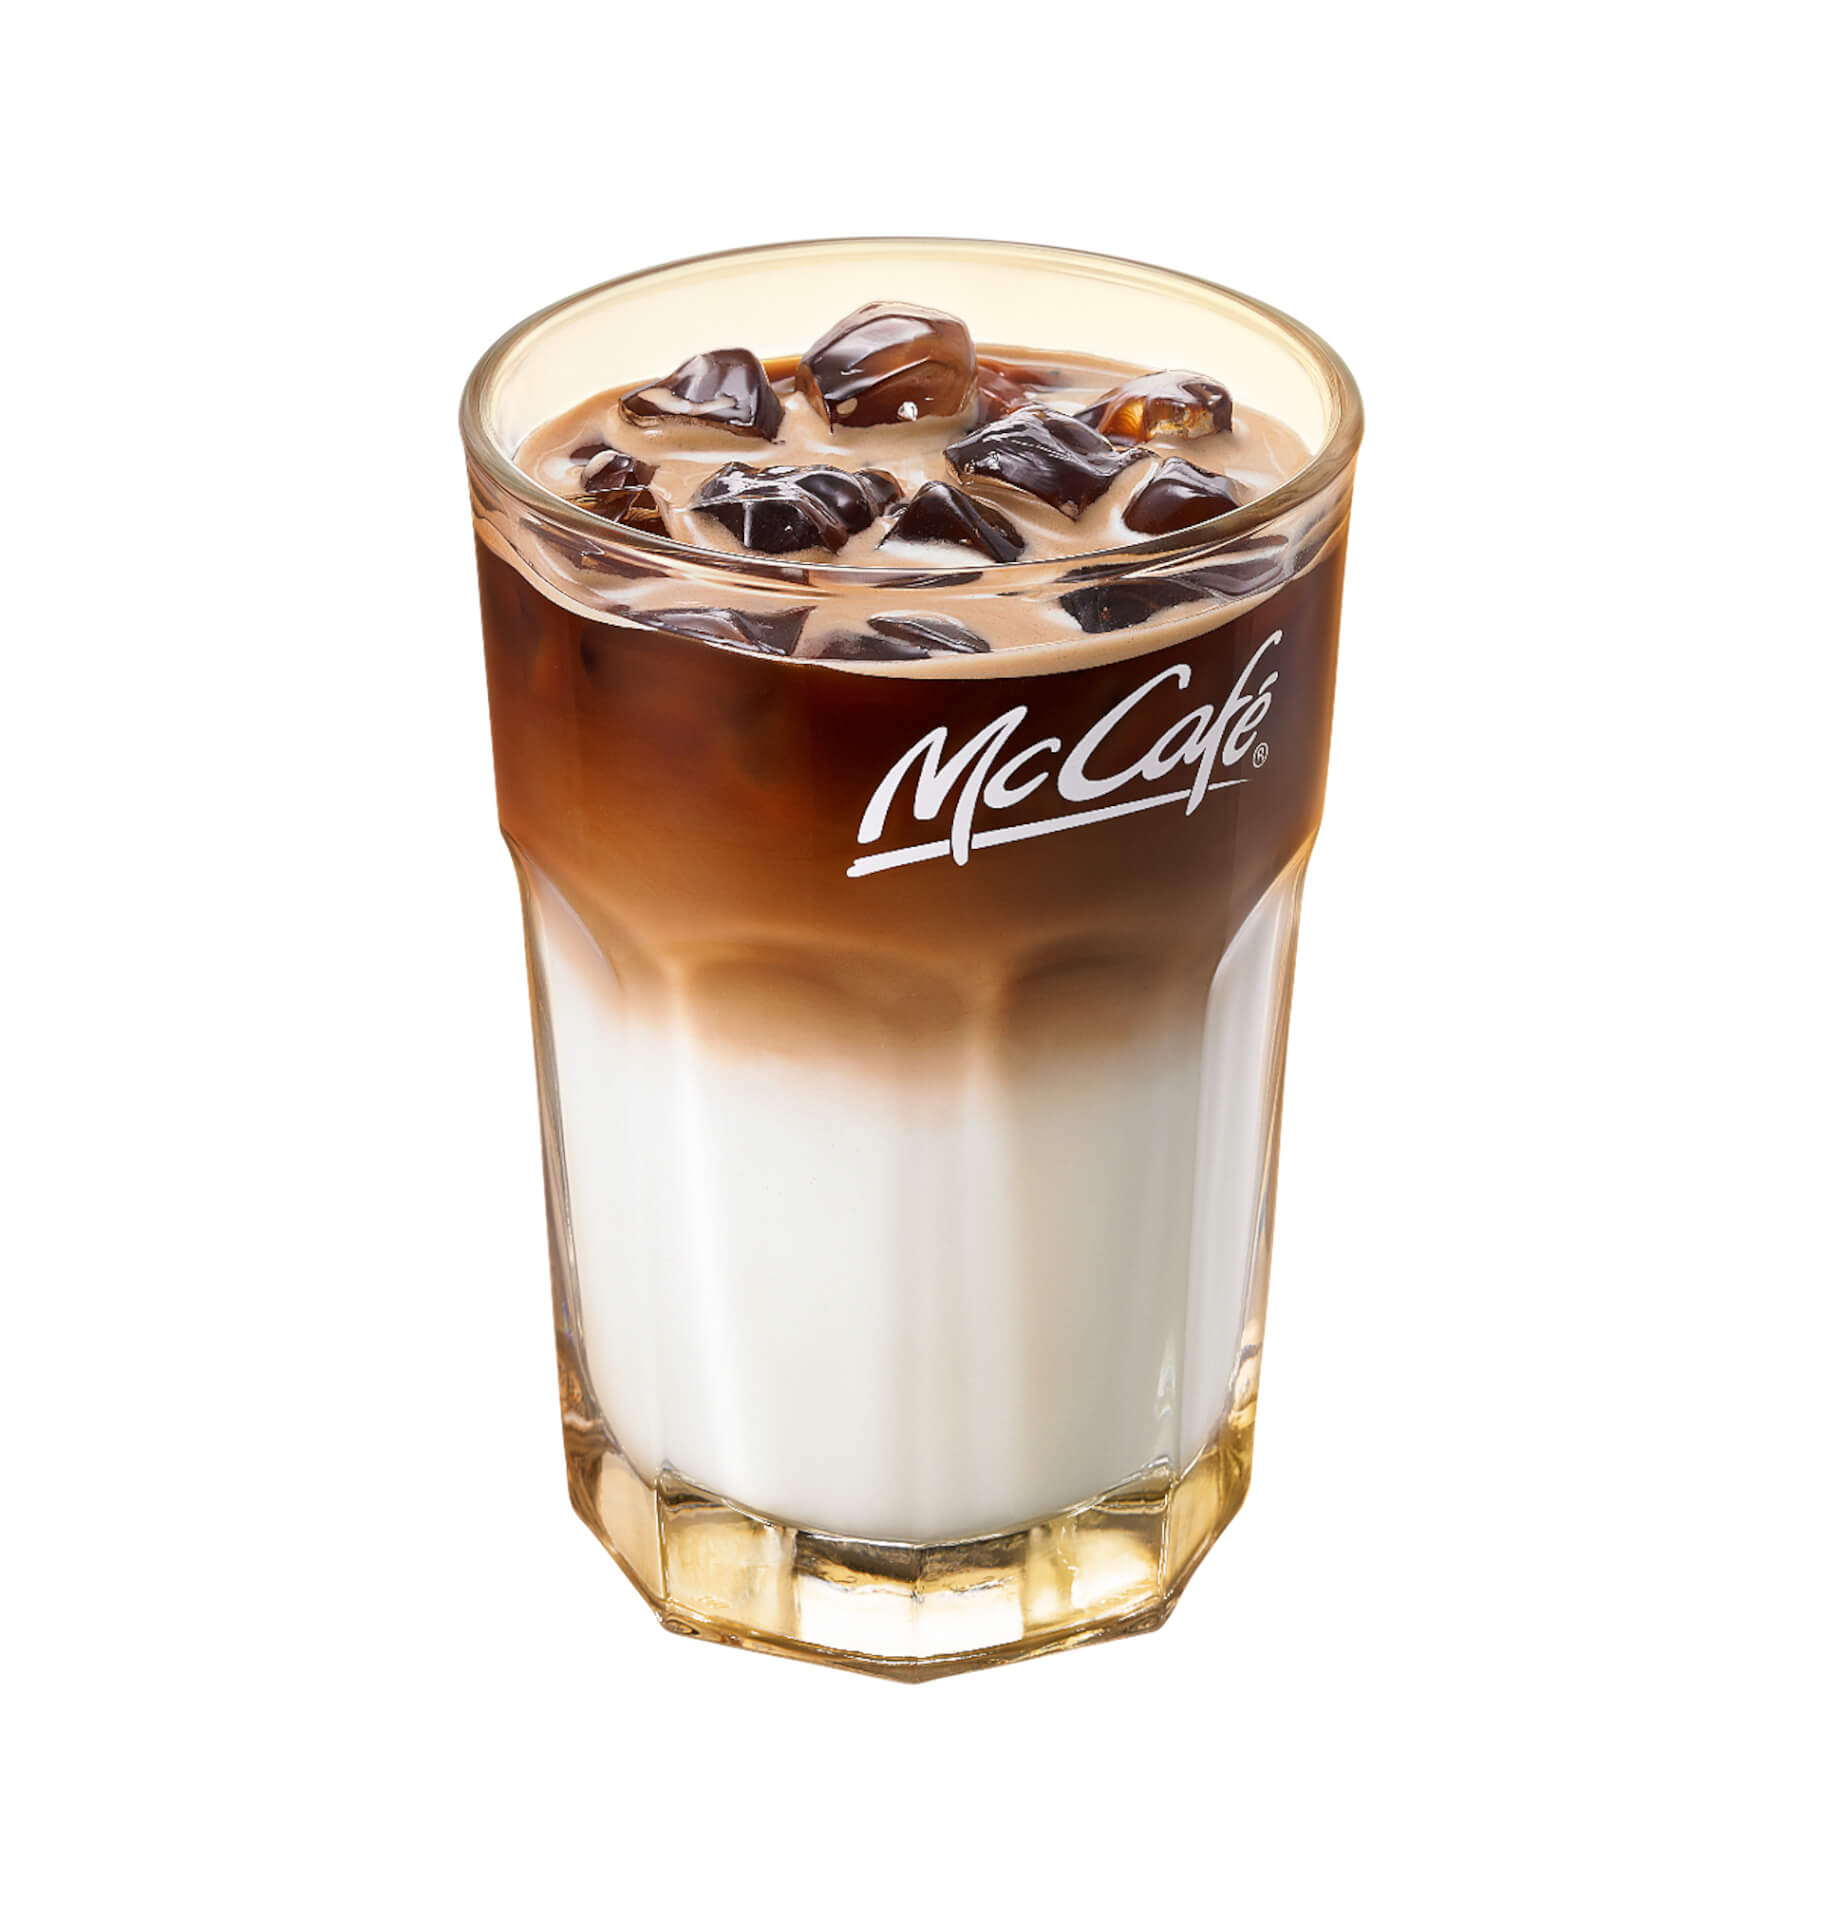 おうち時間でホッと一息!マクドナルドMcCafé by Baristaの「選べる¥500ケーキセット」が期間限定で実施決定 gourmet200420_mccafe_8